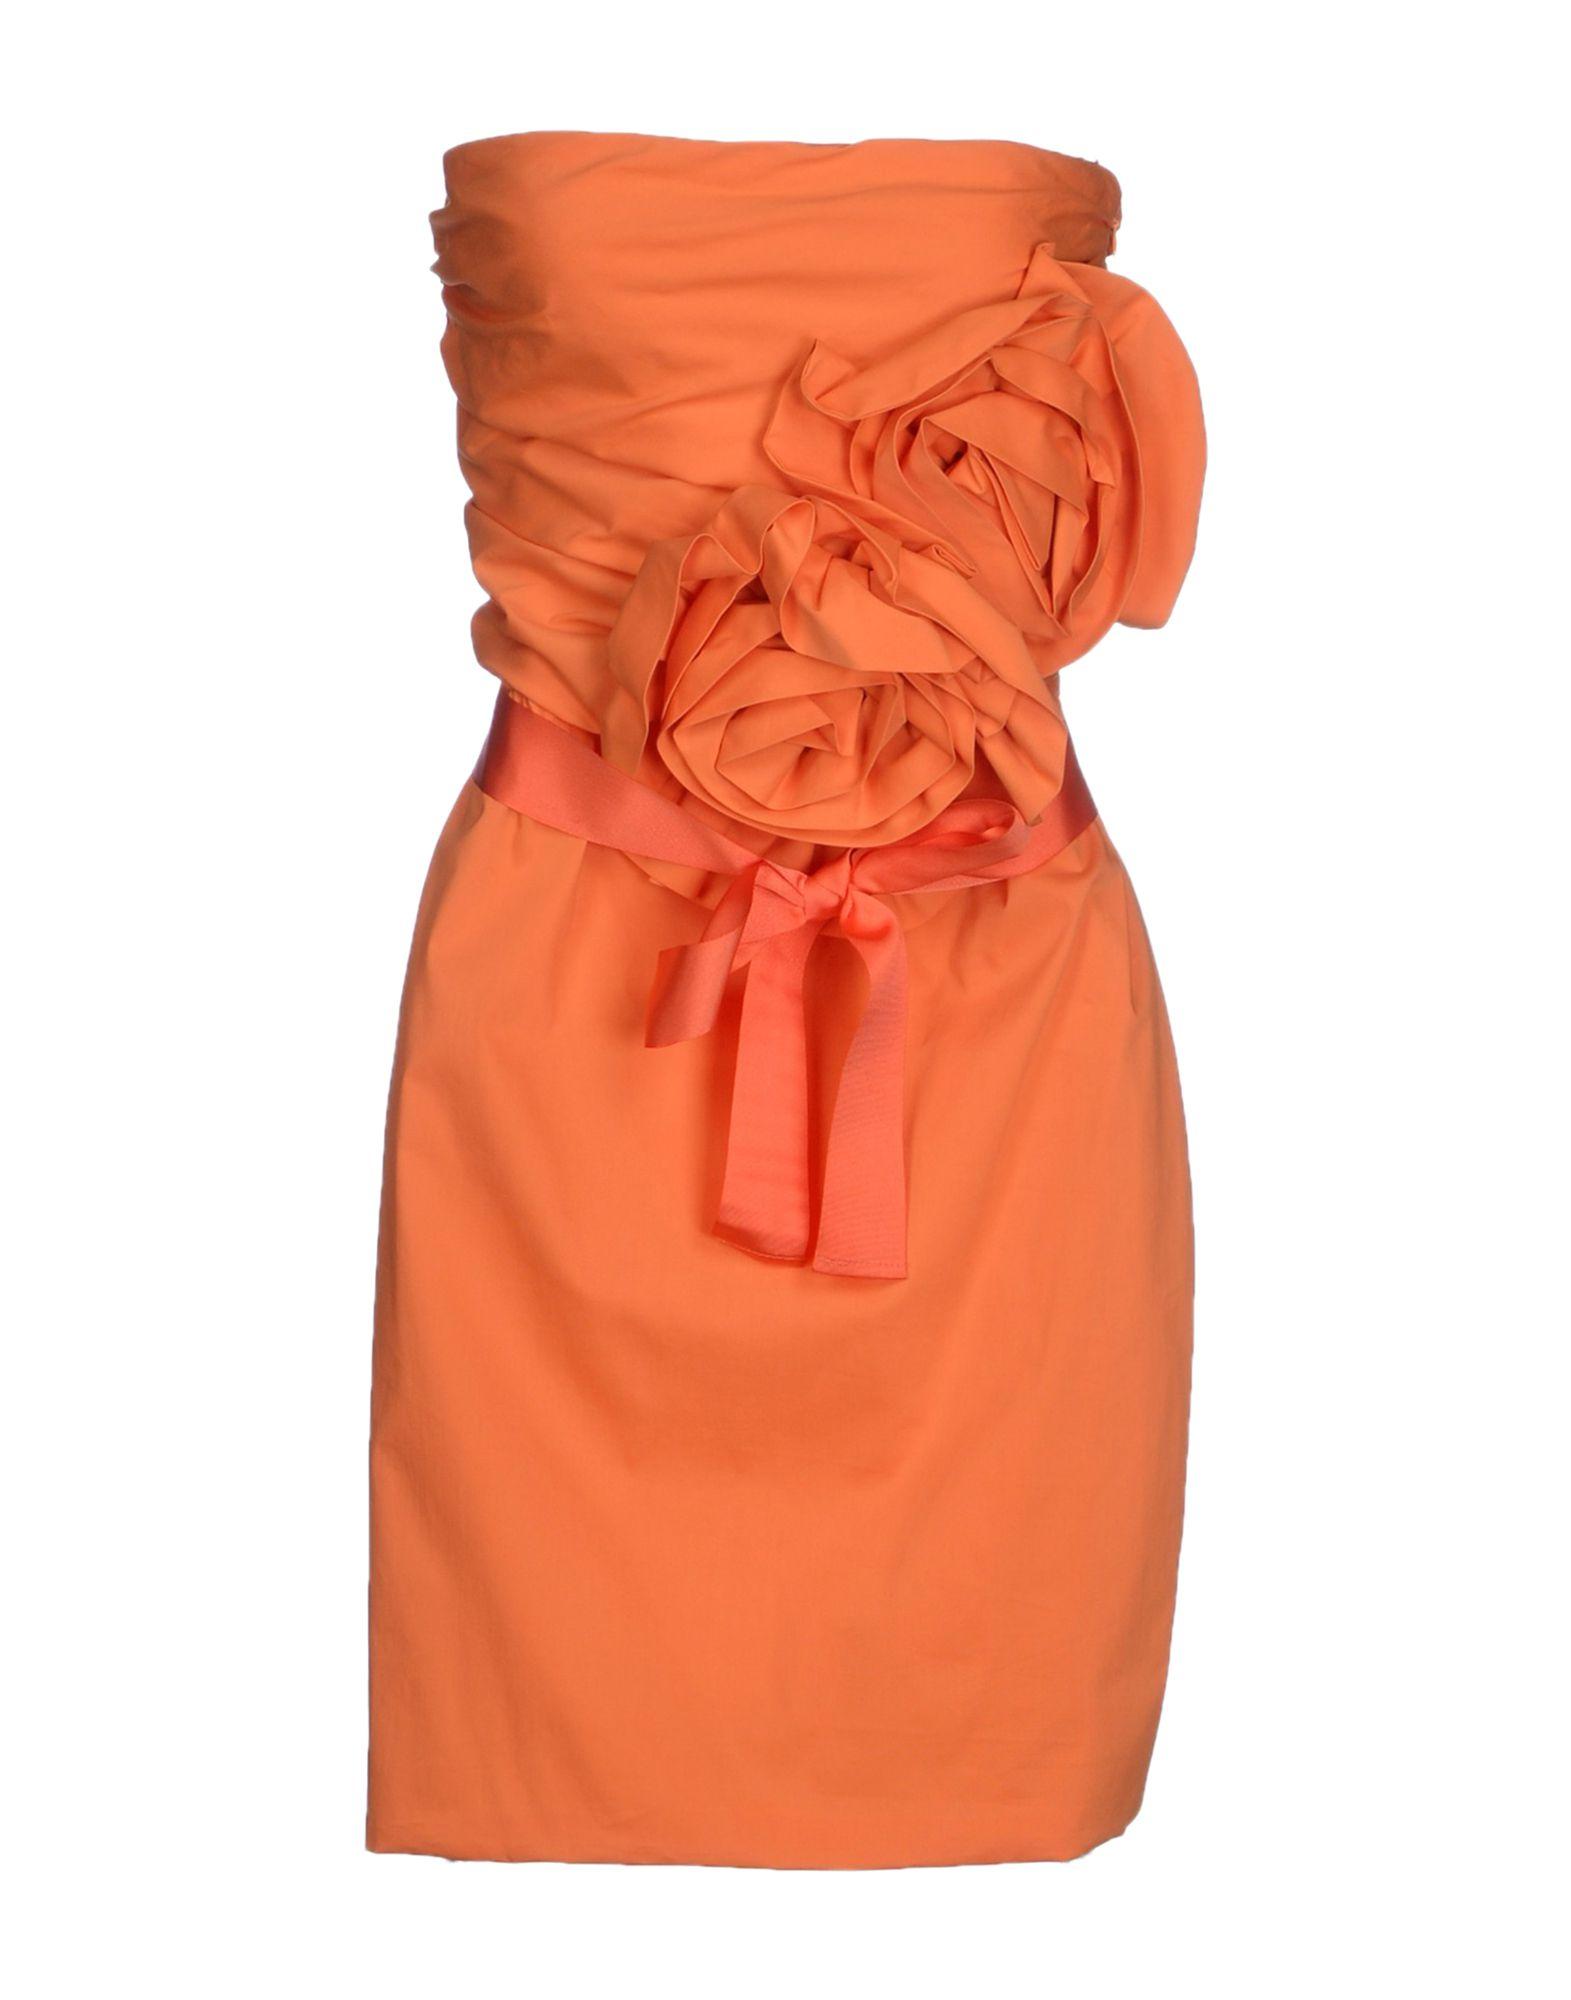 بالصور فساتين سهرة قصيرة , اروع فستان سهره 1065 6